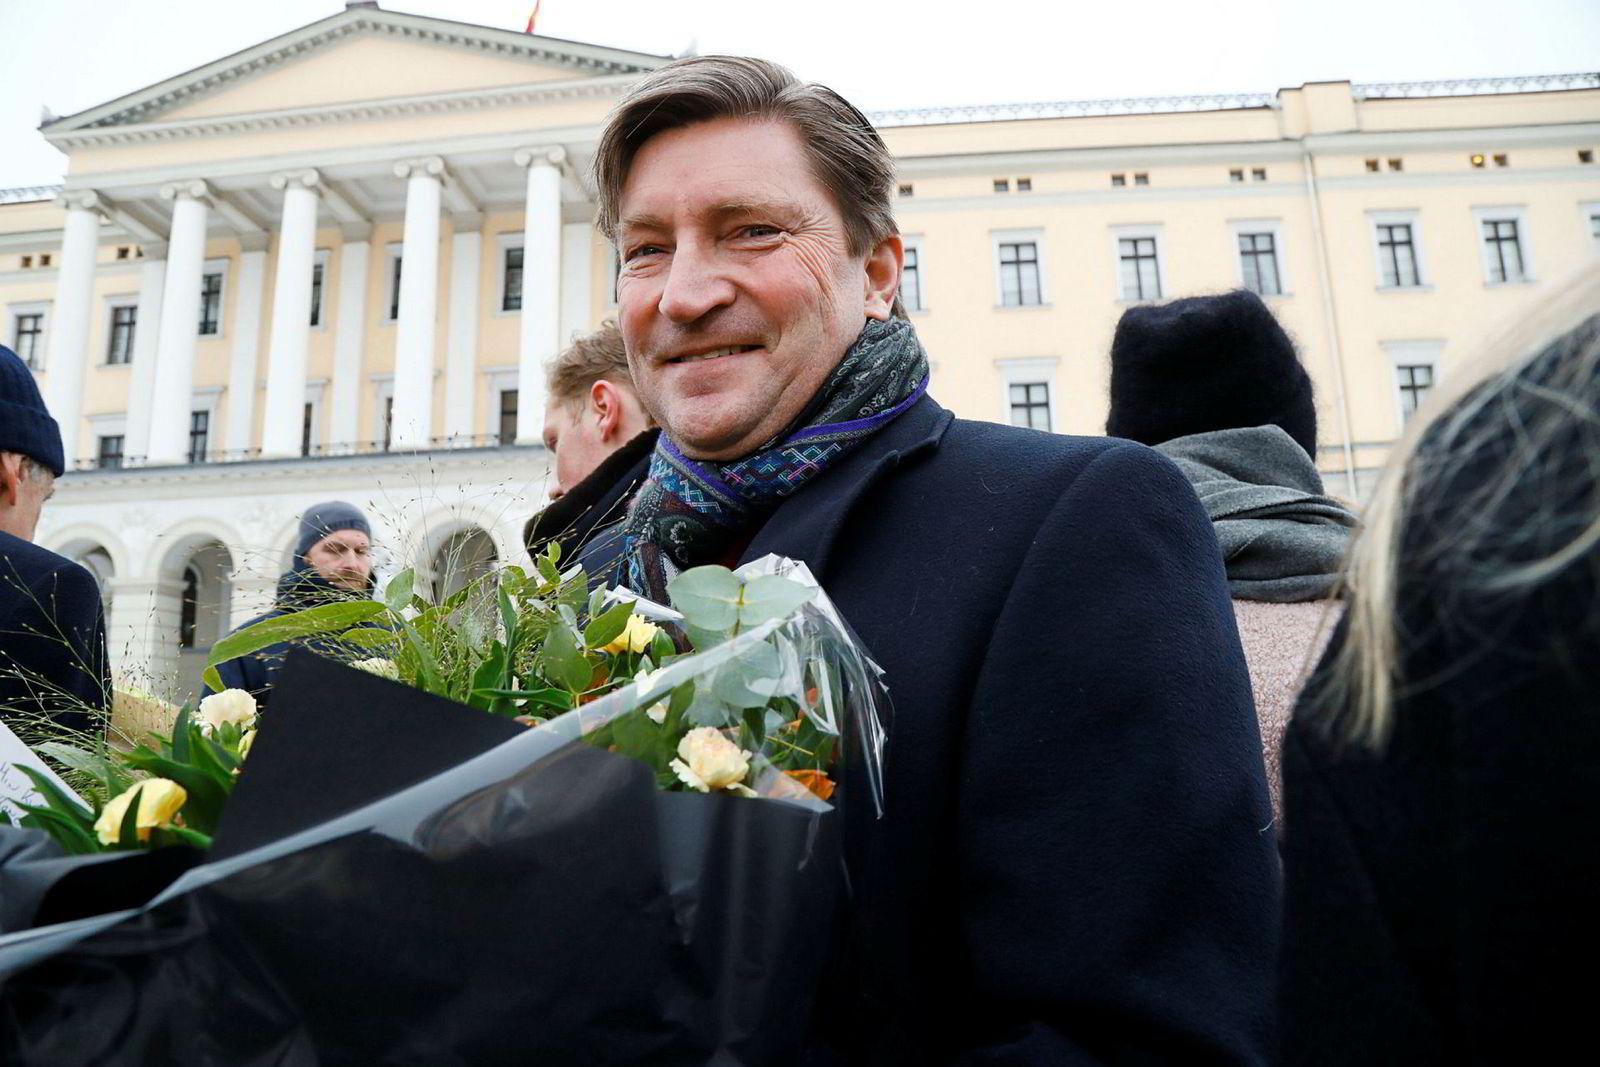 Stortingsrepresentant Christian Tybring-Gjedde (Frp) var til stede på Slottsplassen med blomsterbukett til sin nyutnevnte statsrådkone.